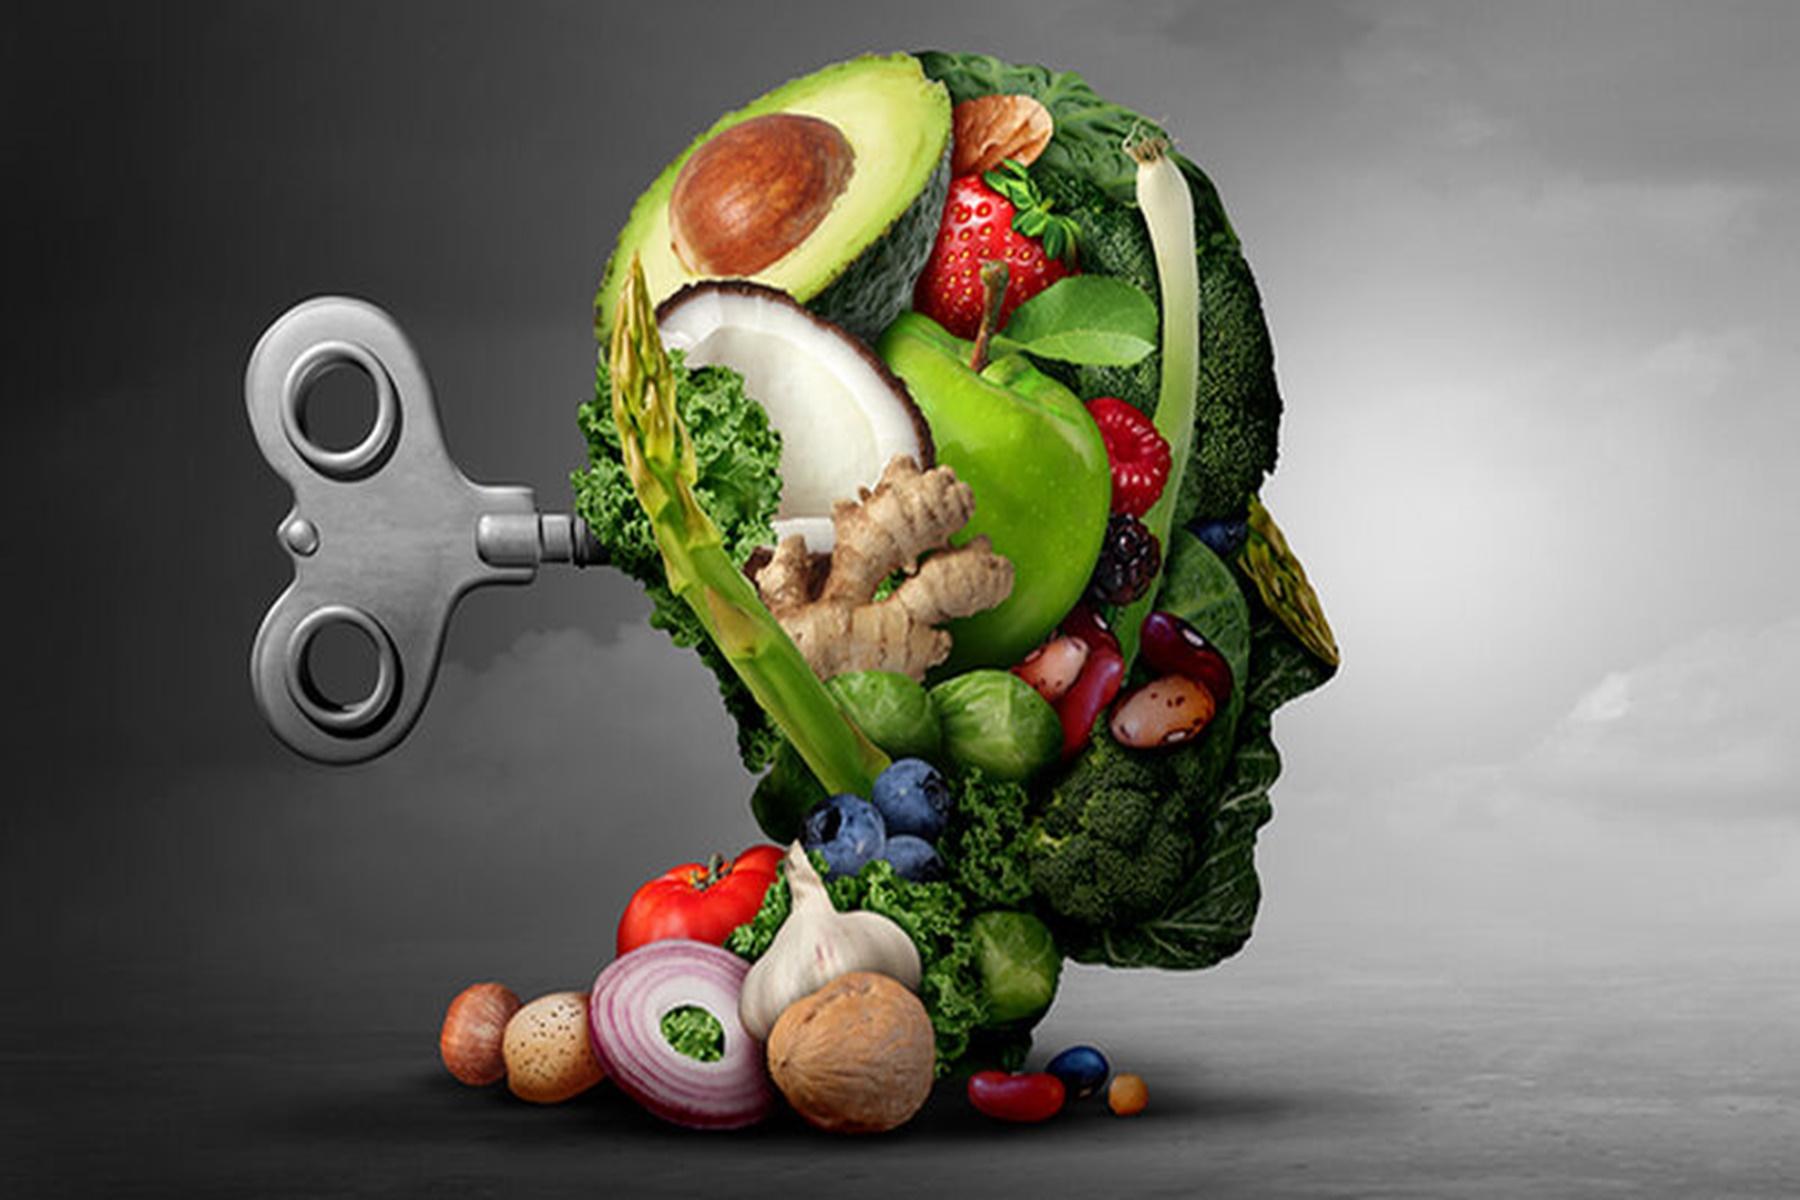 Διατροφή : Τρόφιμα που συμβάλουν στην καλή λειτουργία του εγκεφάλου